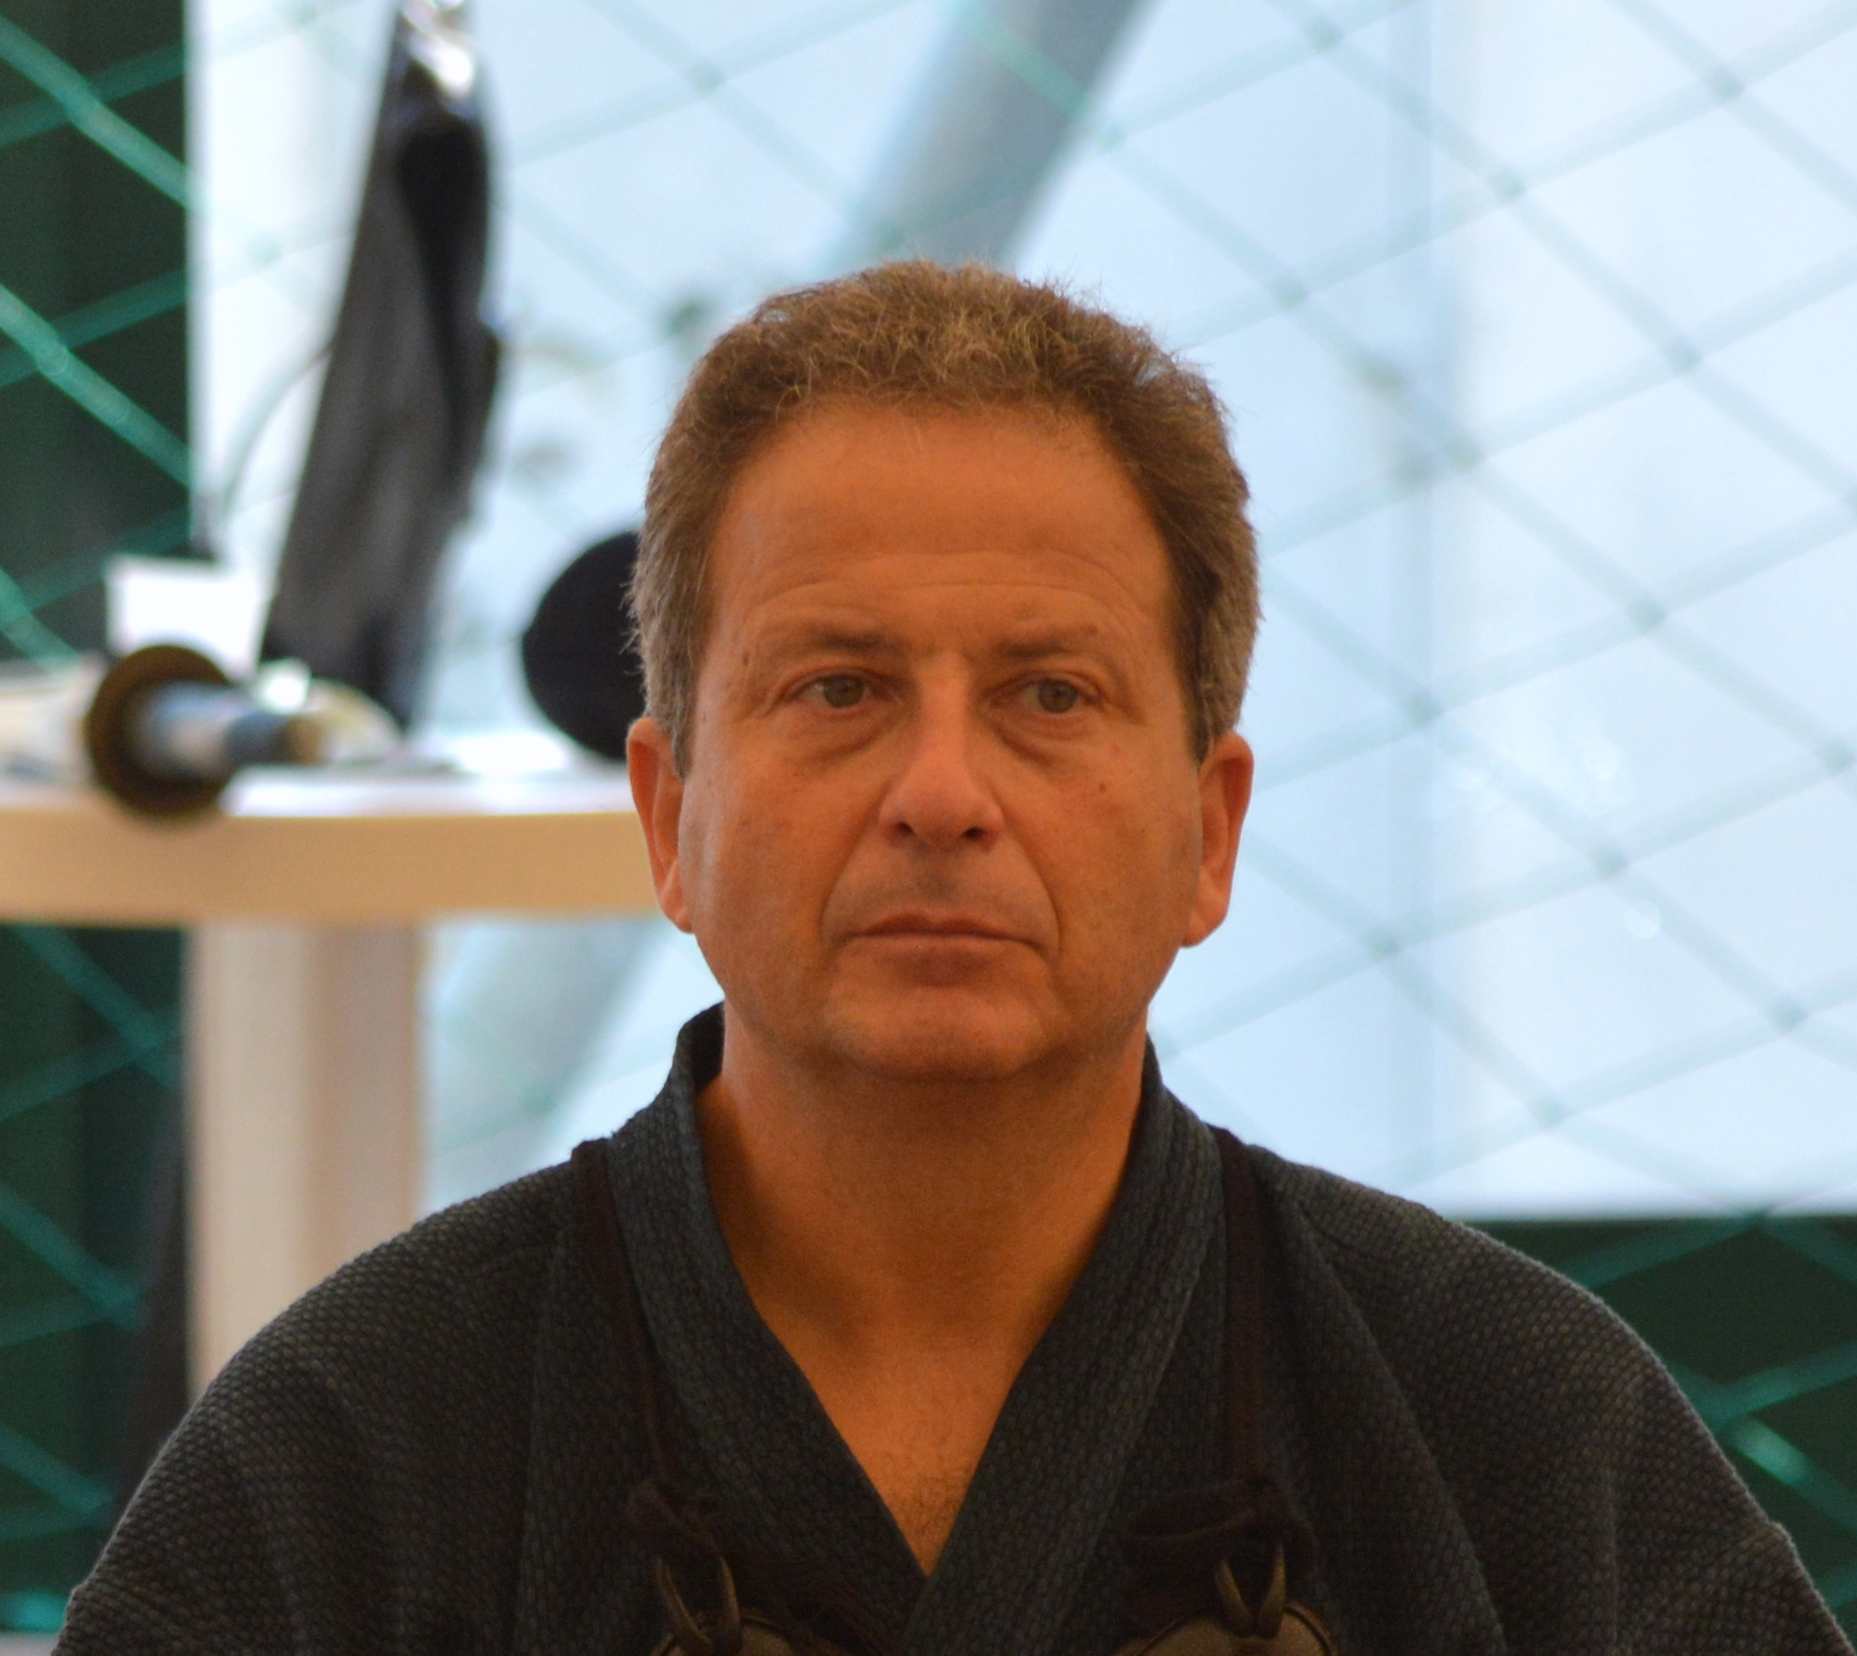 Fabio Di Chio